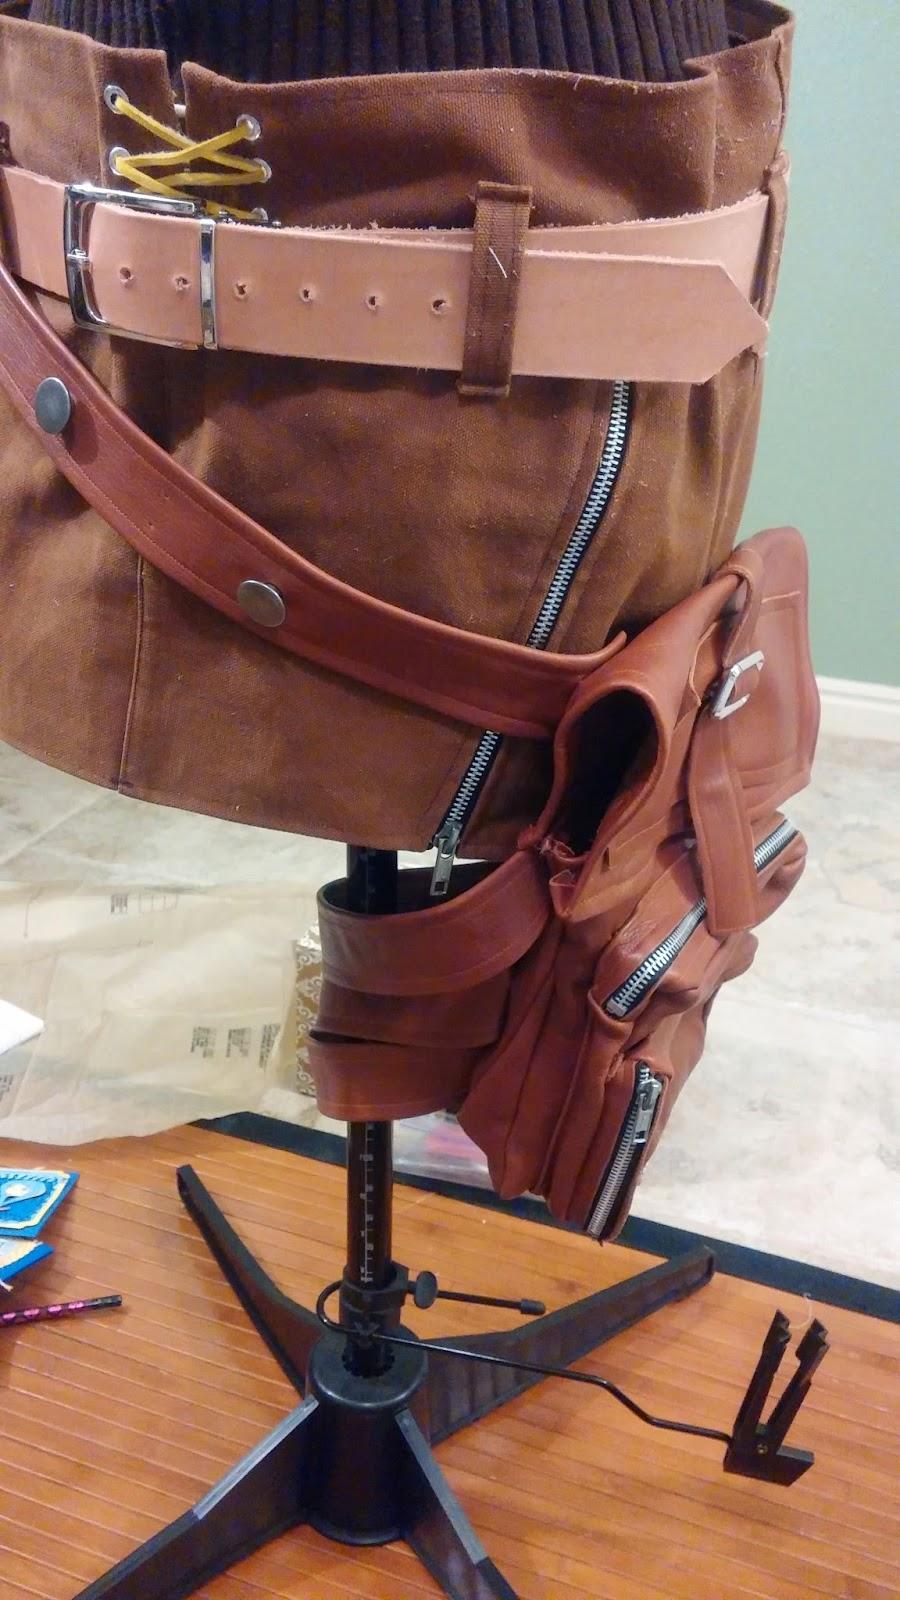 lightning cosplay leg bag pocket purse final fantasy xiii